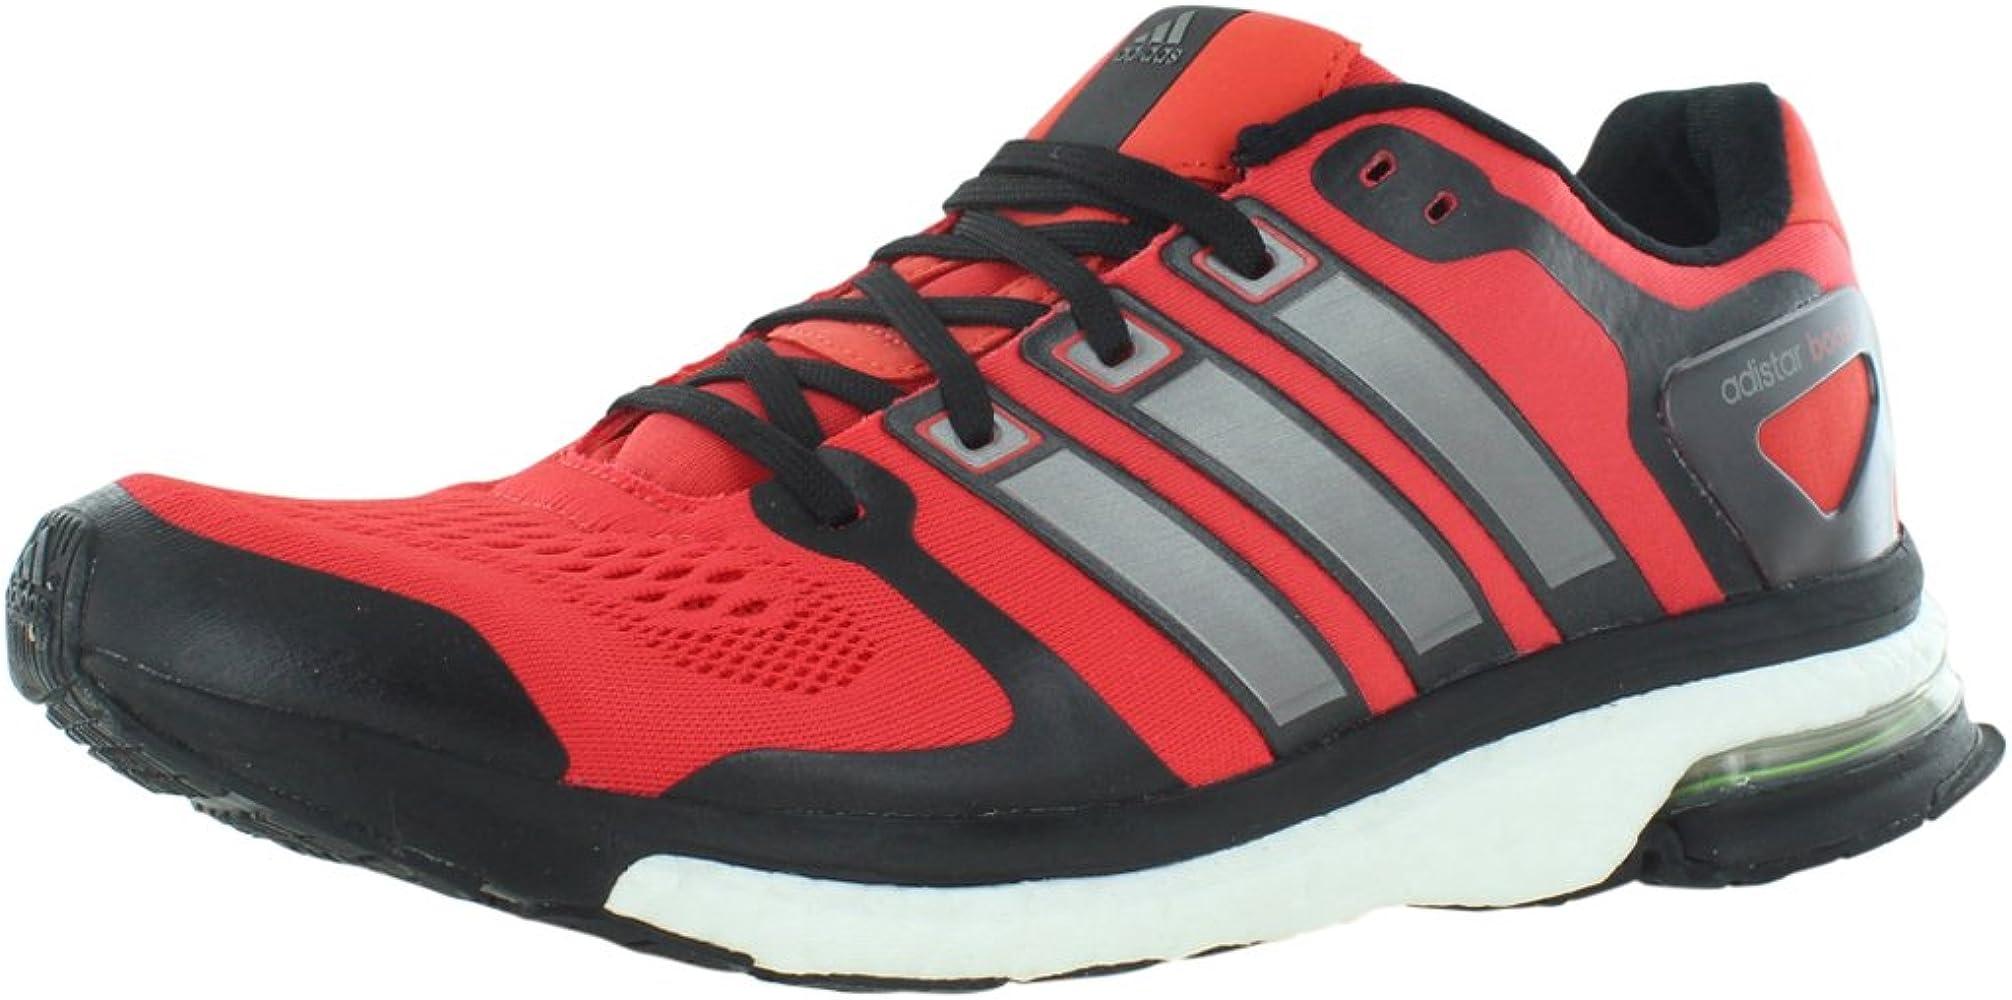 B26735 Adistar Boost ESM Shoes